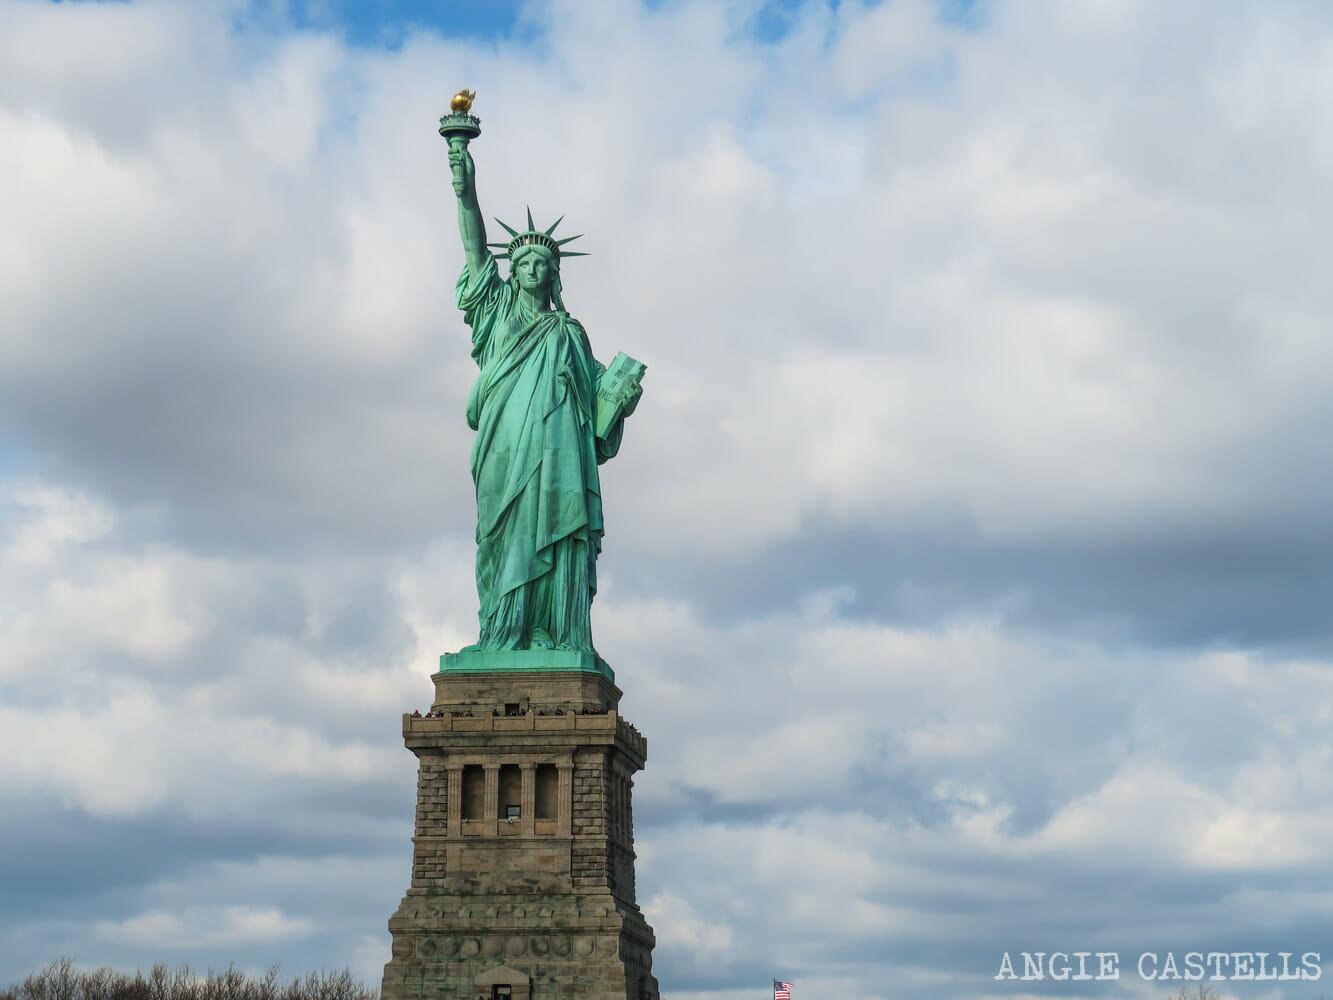 Cómo visitar la Estatua de la Libertad, el pedestal y la corona